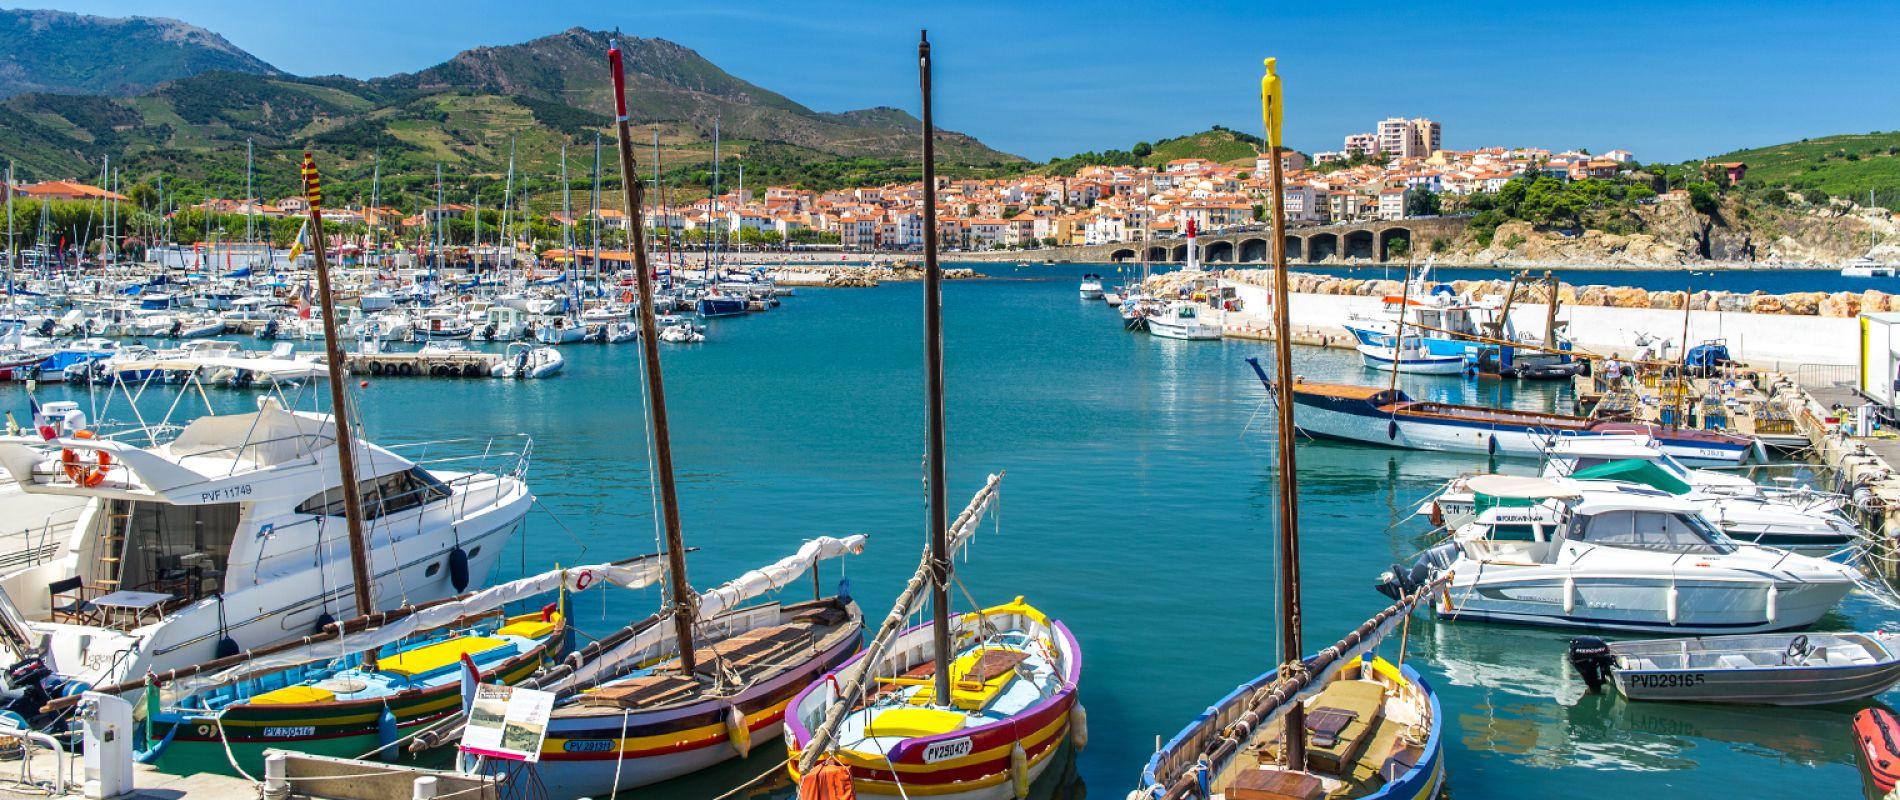 Banyuls port